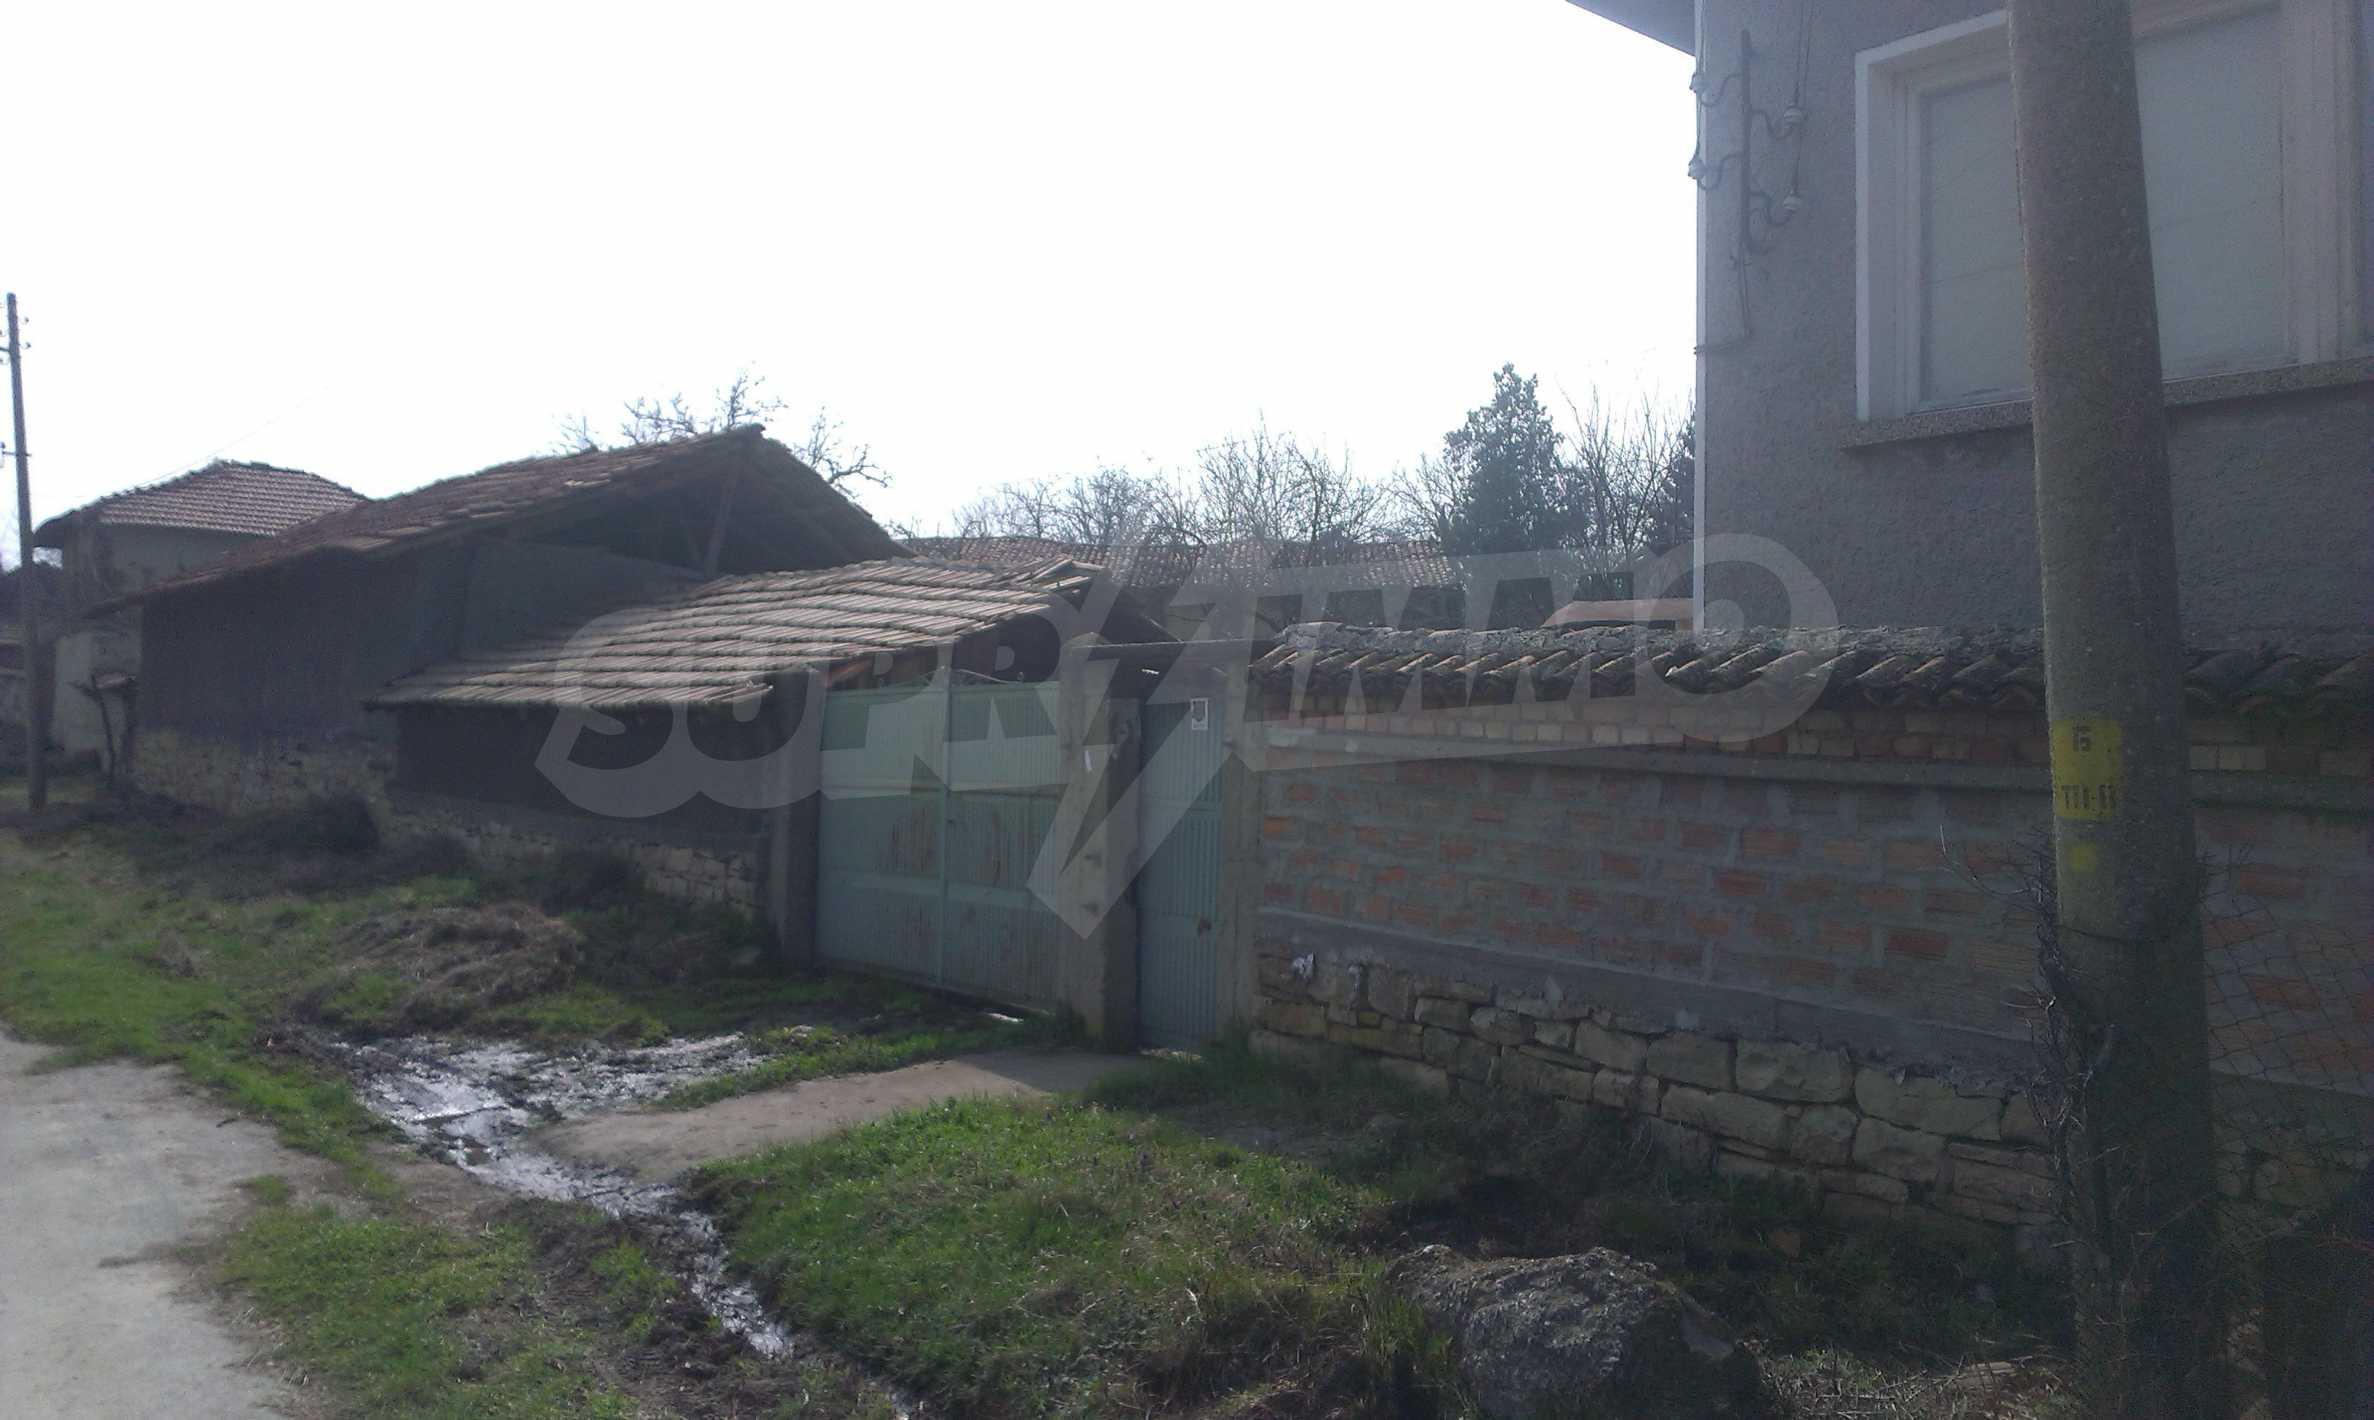 Großes zweistöckiges Backsteinhaus in einem Dorf 40 km von Veliko Tarnovo entfernt 24